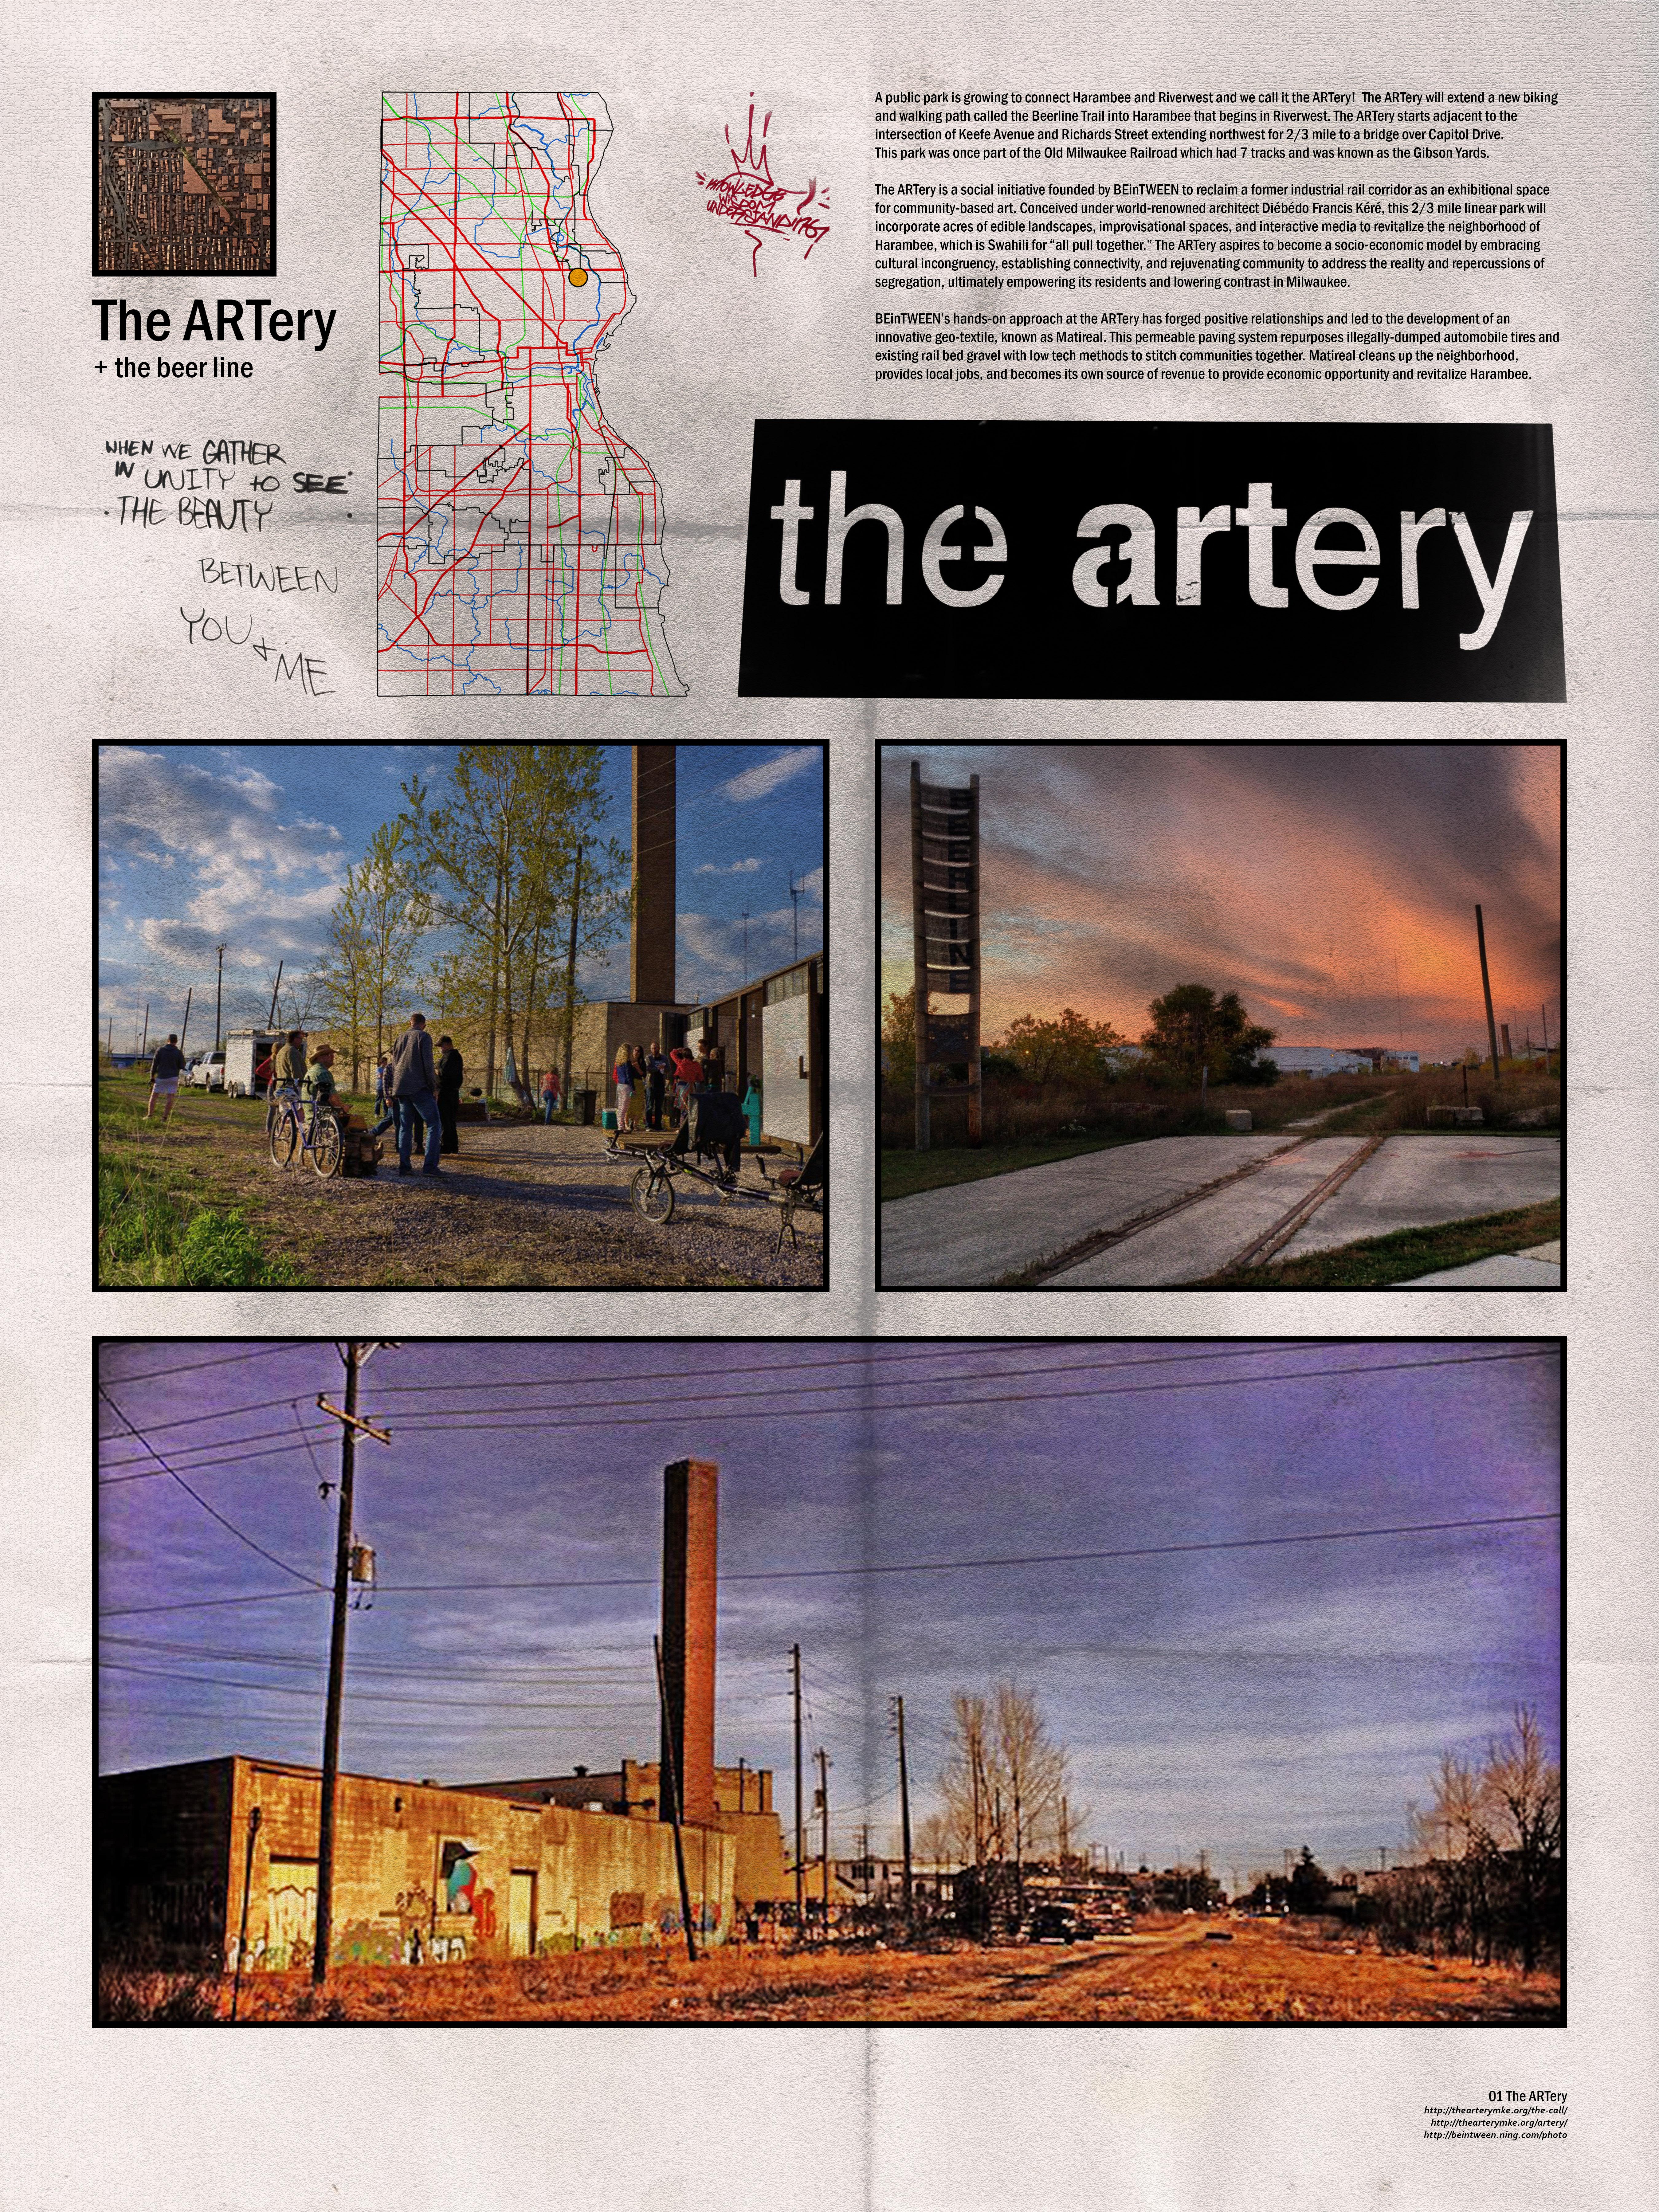 01 - The ARTery